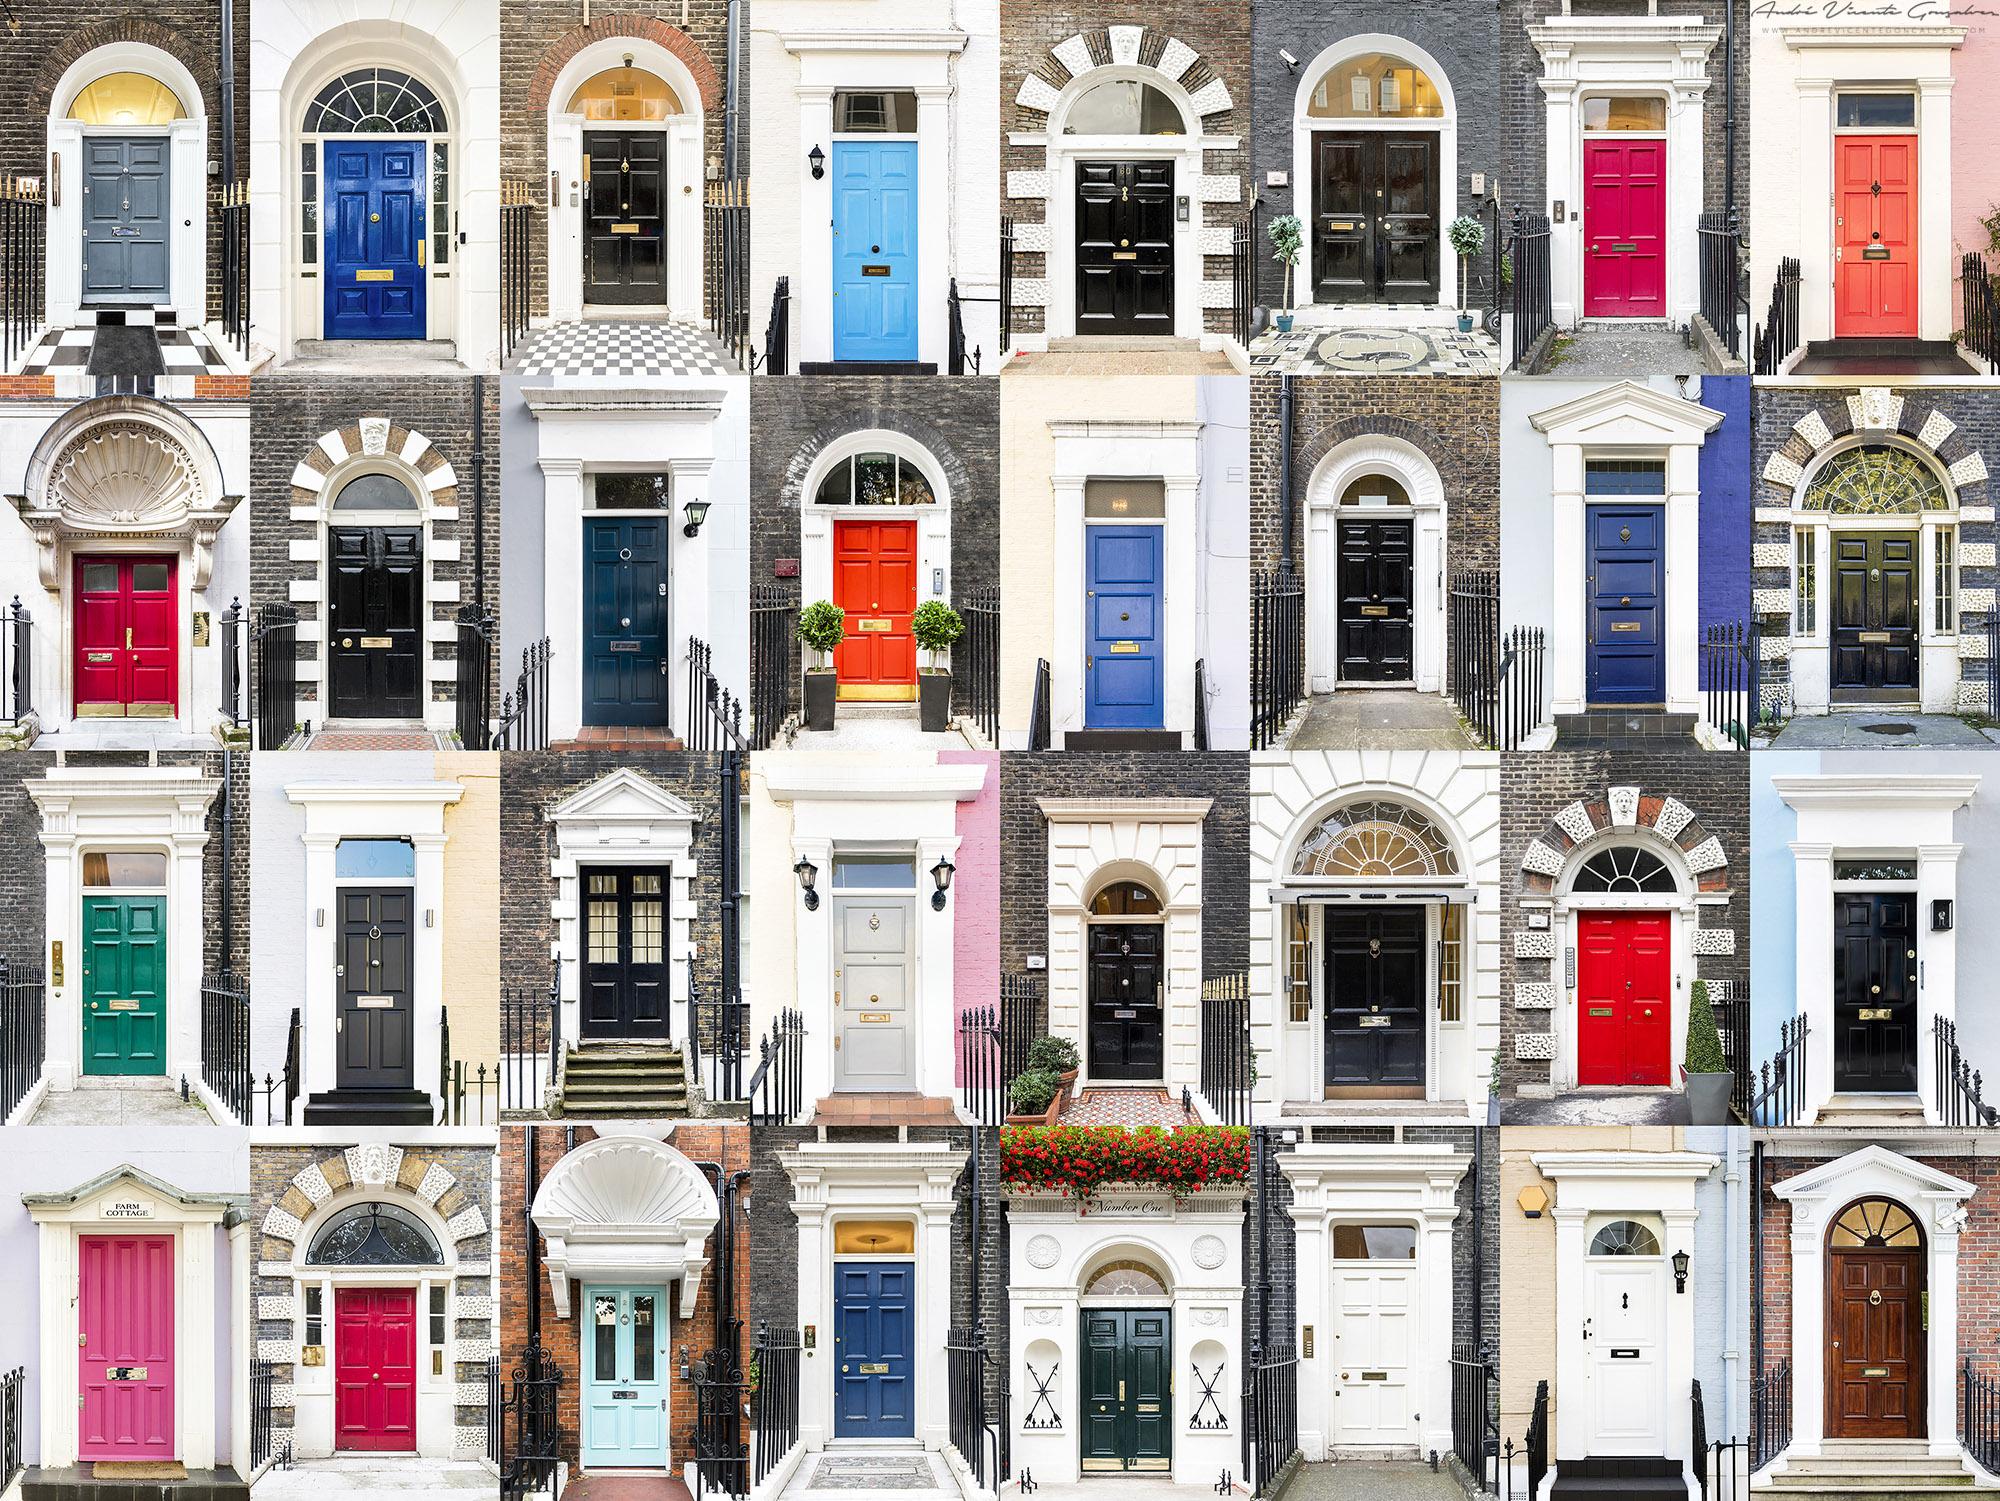 11 fotos de puertas y ventanas del mundo por andr u00e9 vicente